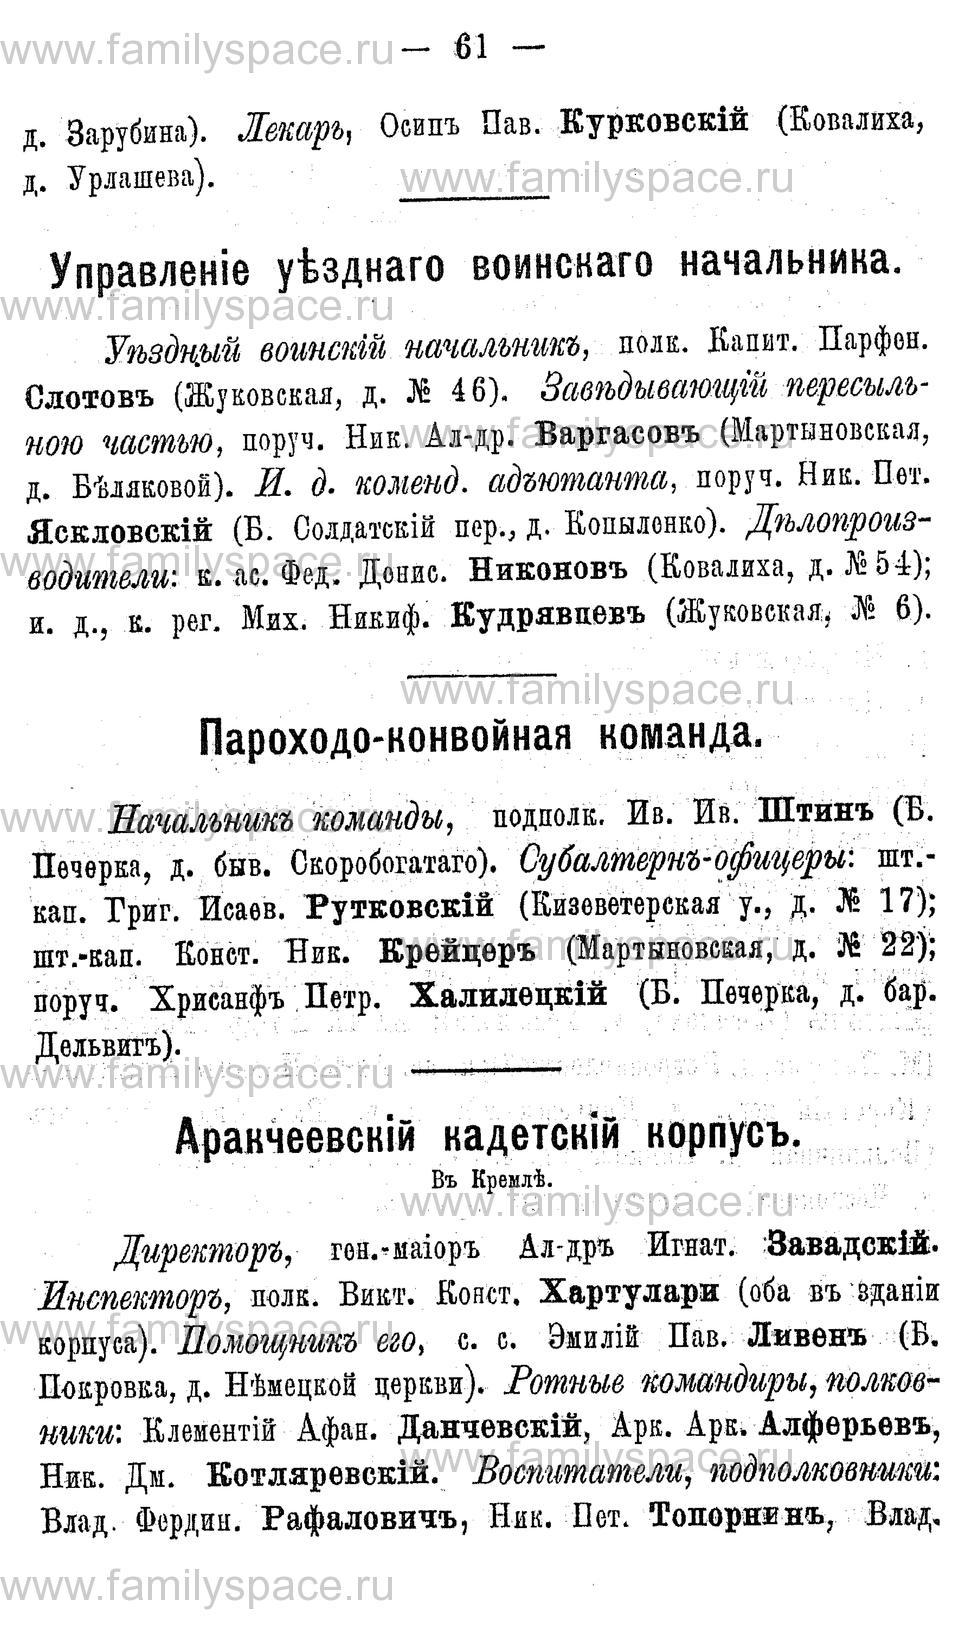 Поиск по фамилии - Адрес-календарь Нижегородской губернии на 1891 год, страница 61